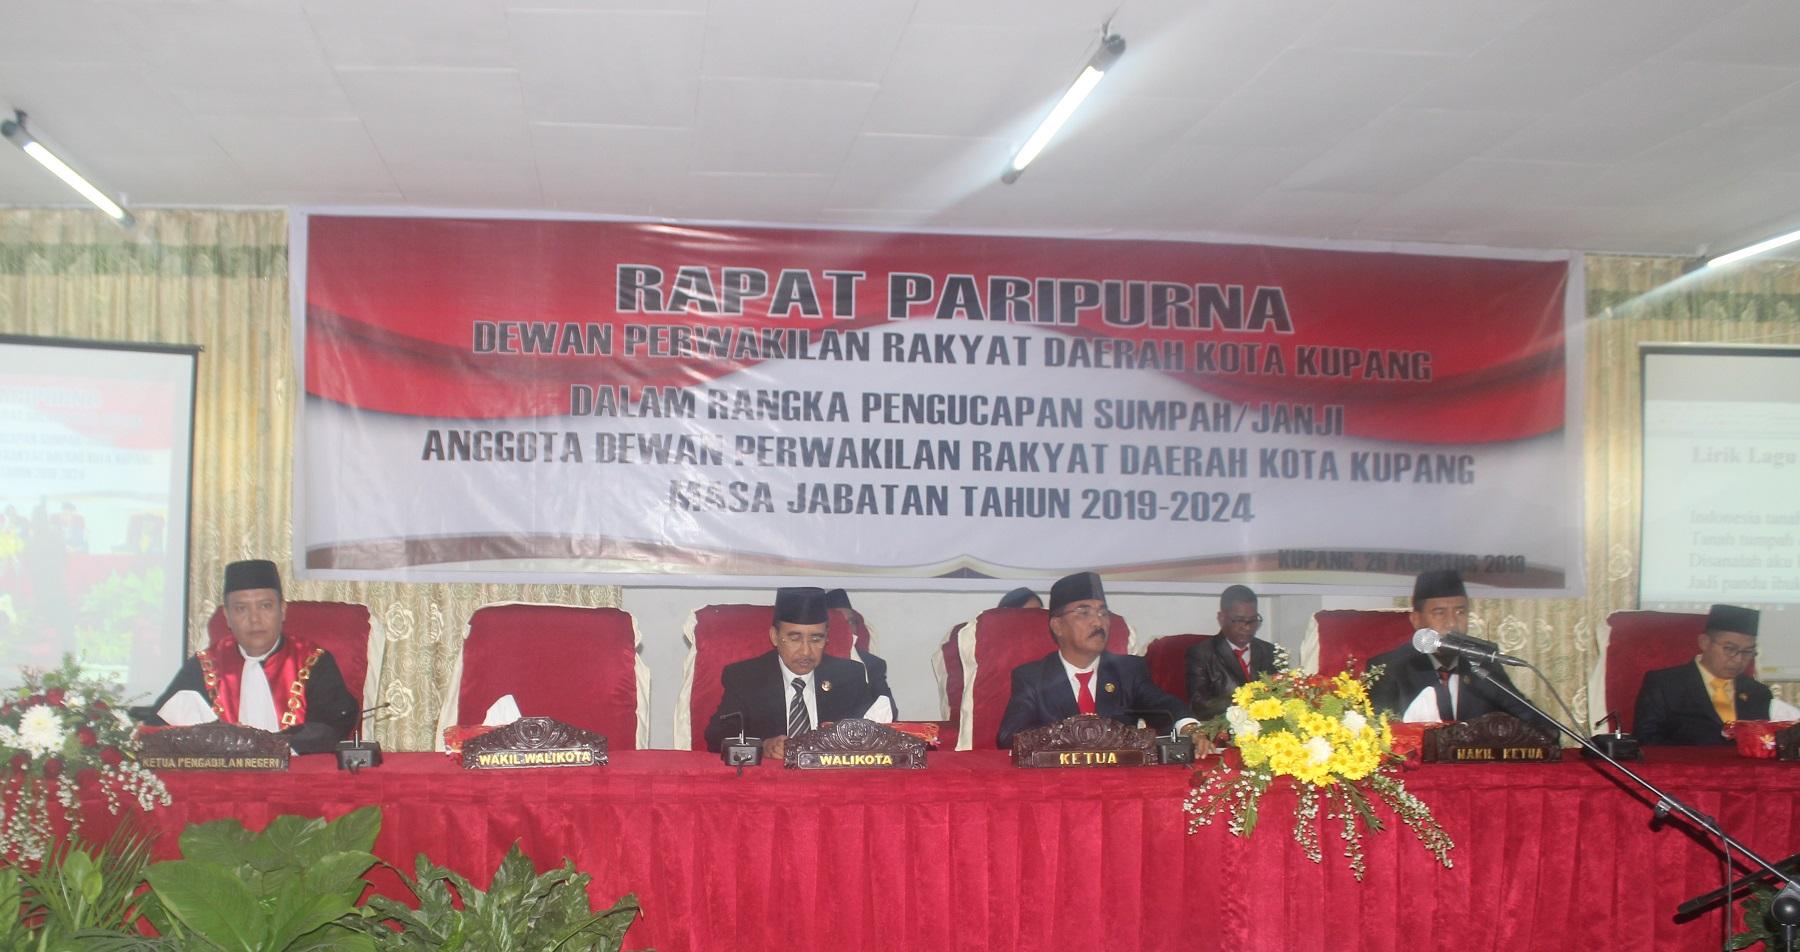 Rapat Paripurna Pengucapan Sumpah/Janji Anggota DPRD Kota Kupang Masa Jabatan Tahun 2019-2024